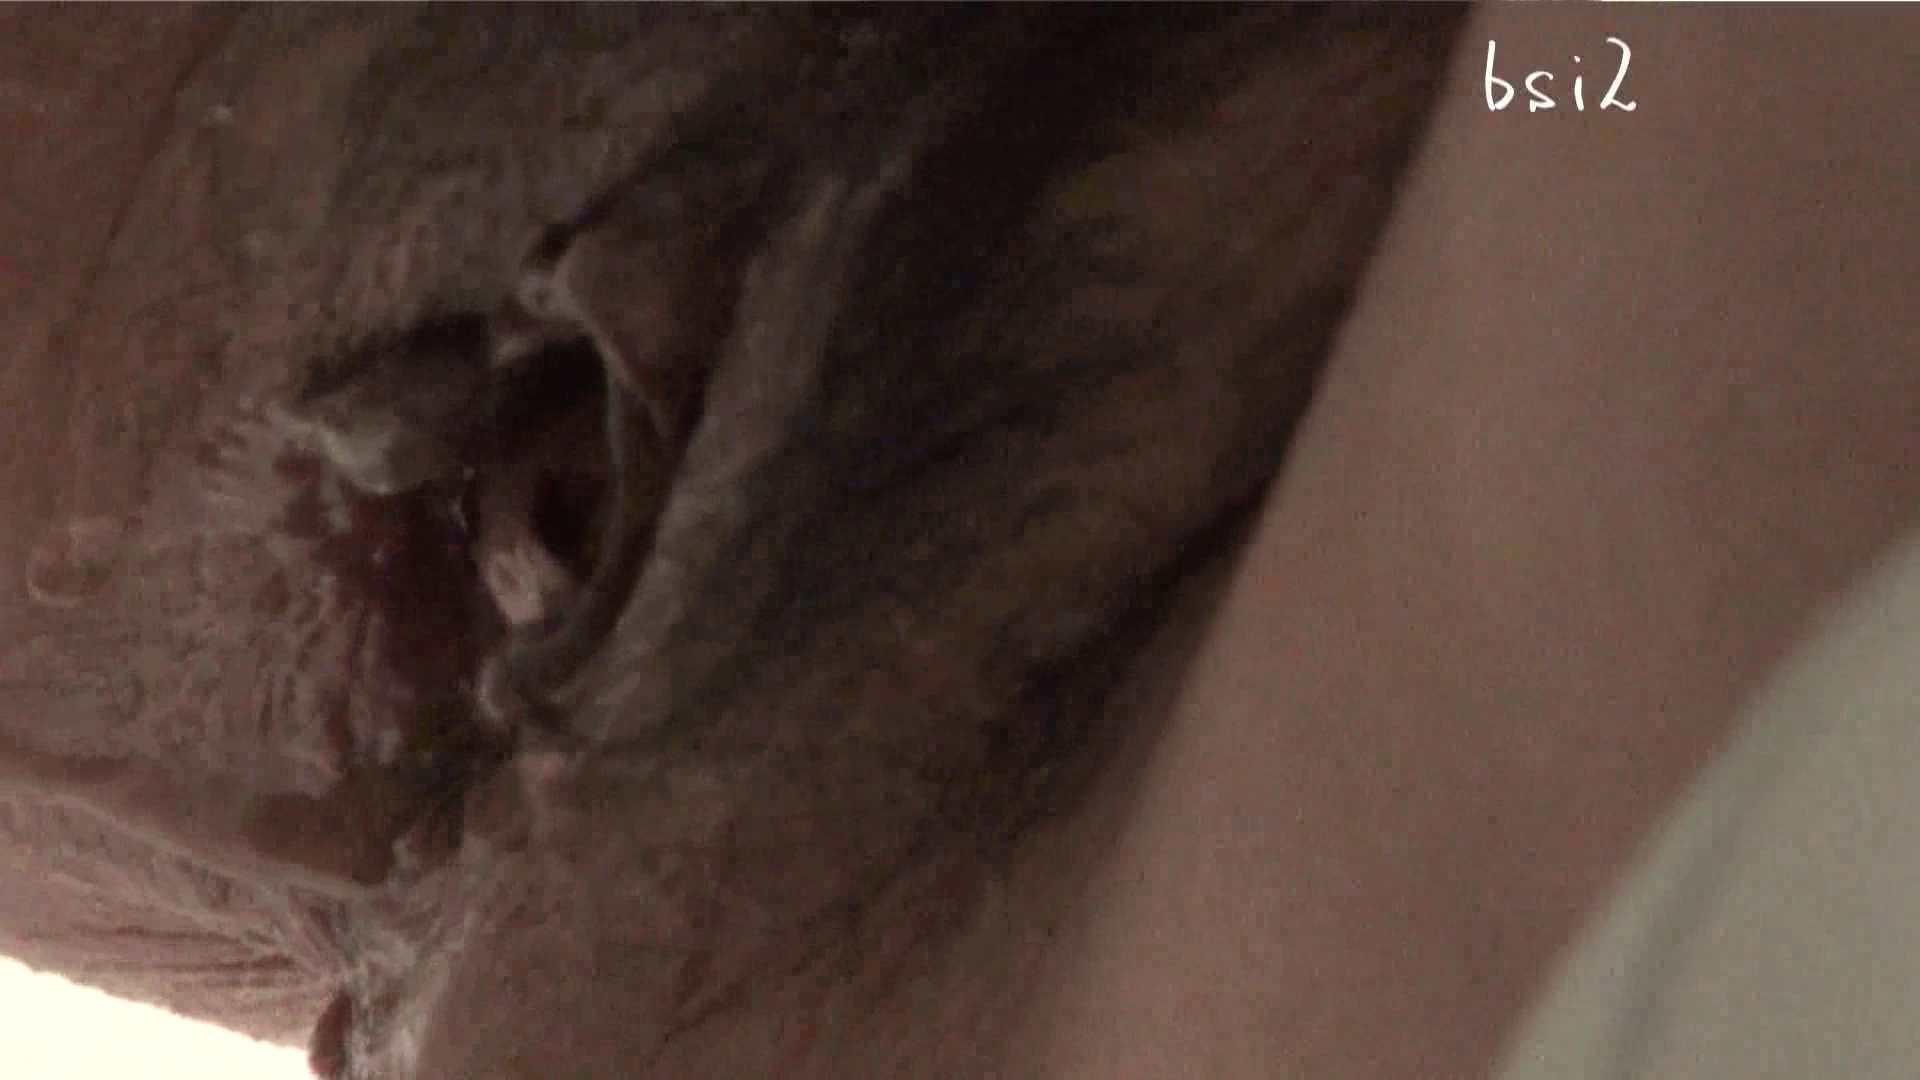 ナースのお小水 vol.002 お姉さんの下半身 | ナースのエロ動画  106PIX 11